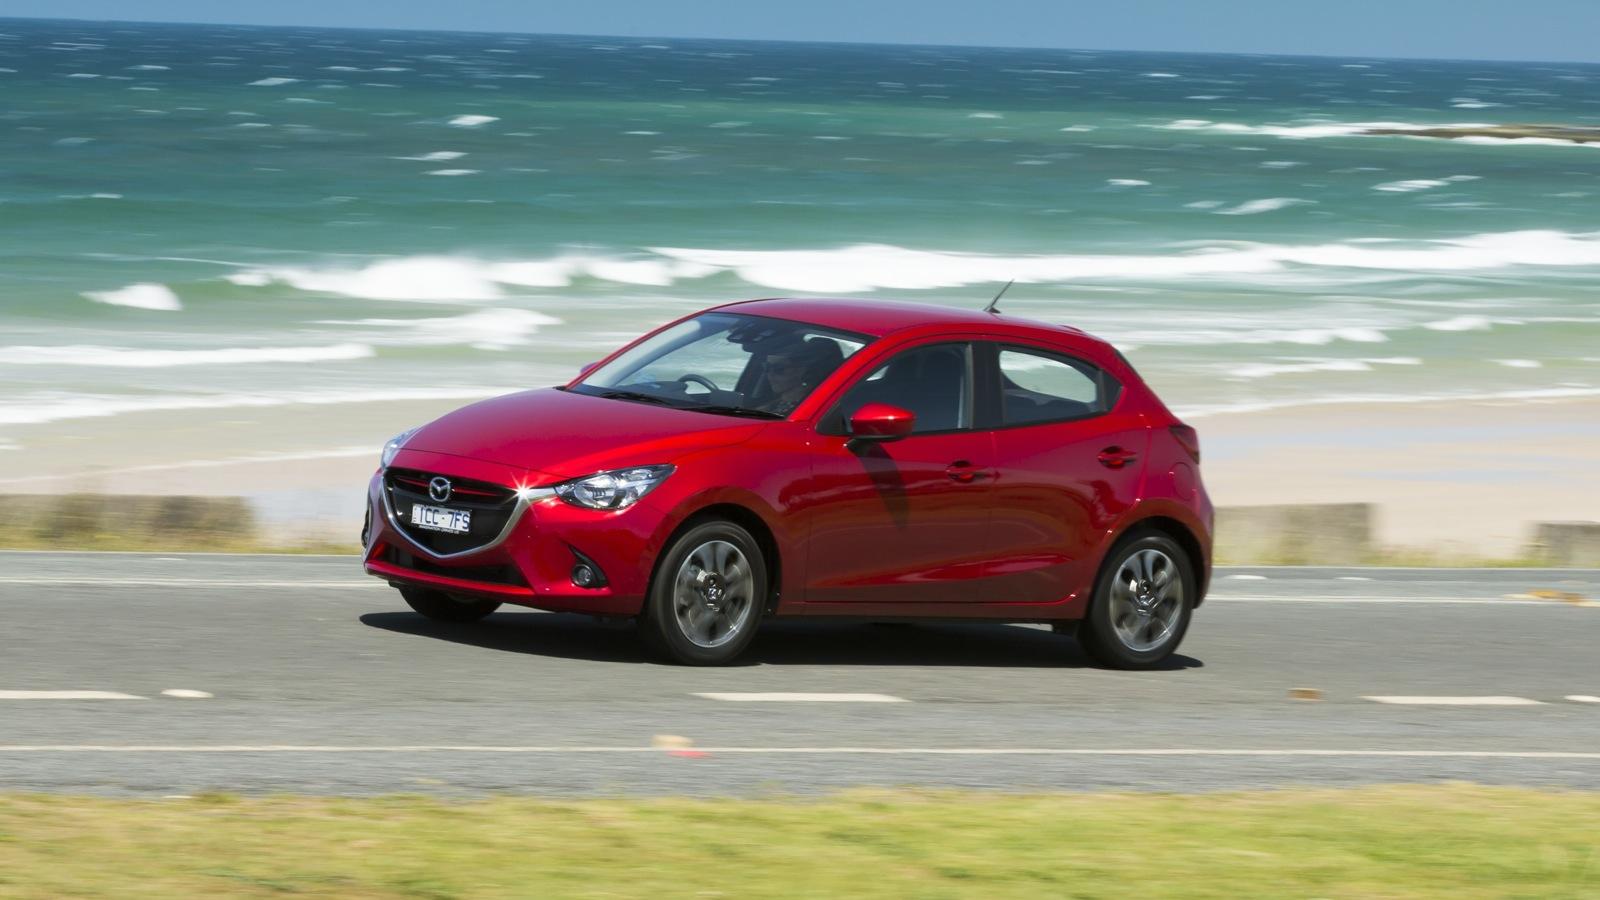 2015 Mazda 2 7 Widescreen Car Wallpaper